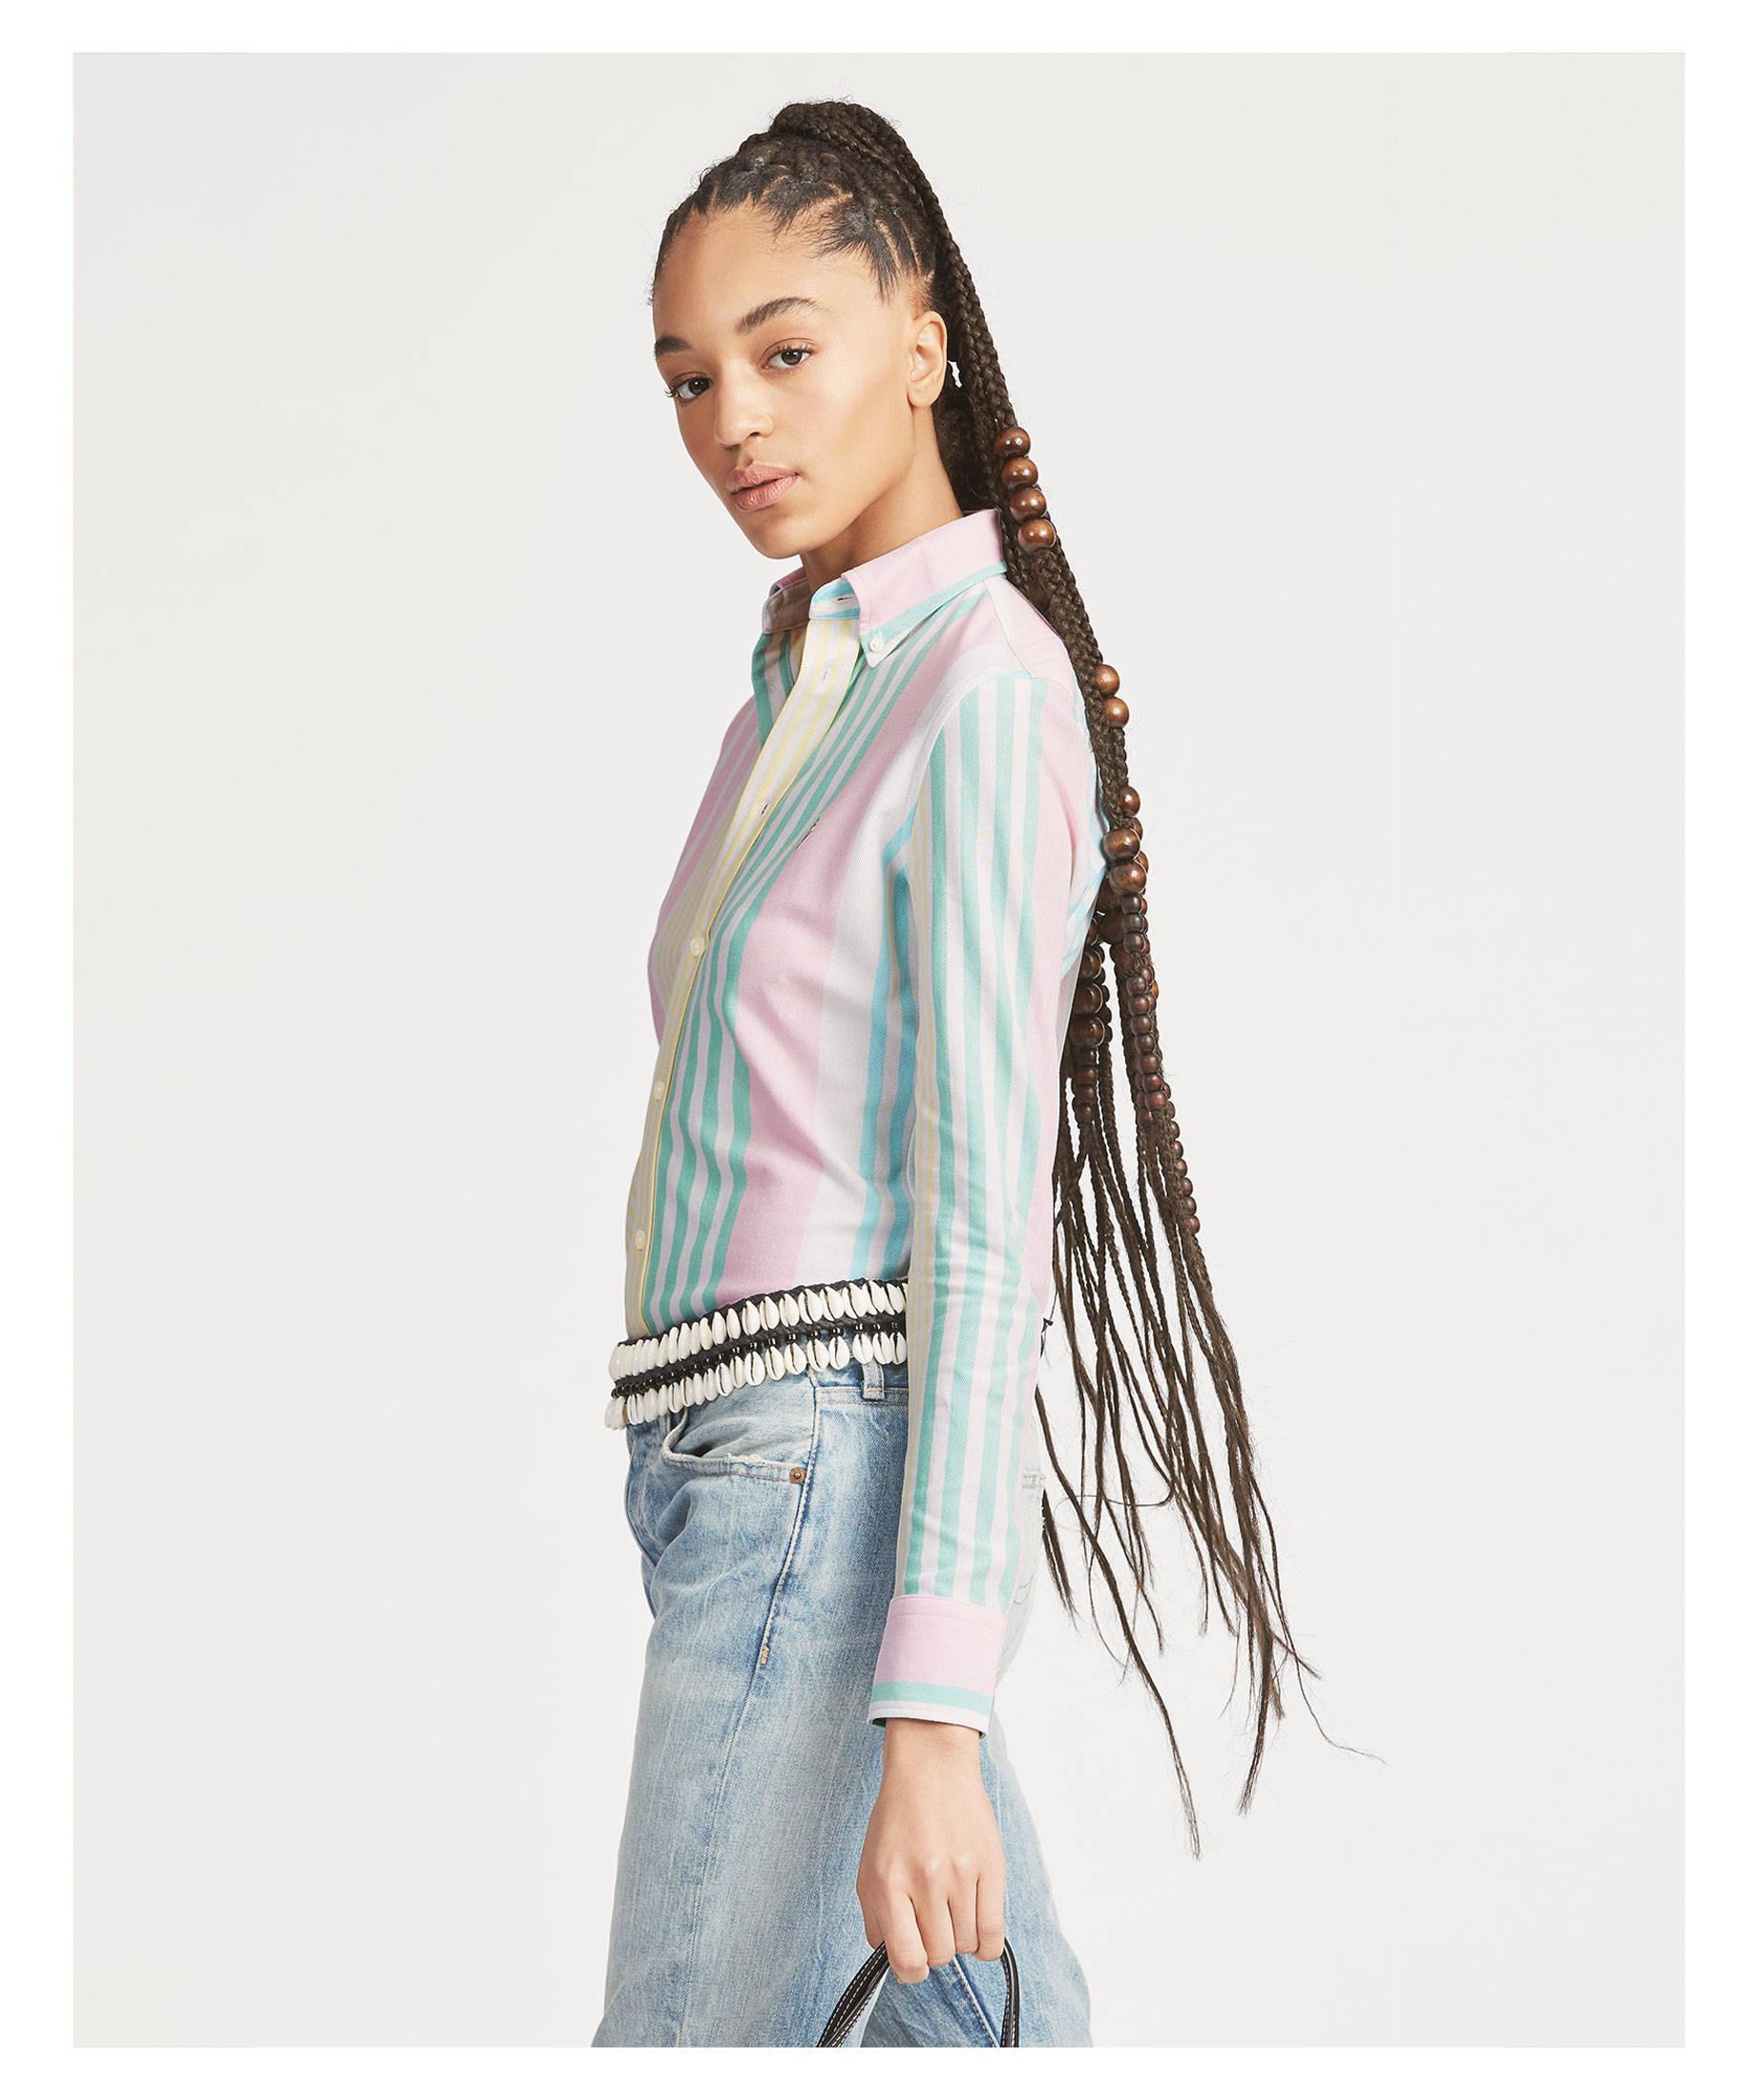 sale retailer 46141 dfc03 Damen Bluse Langarm Slim Fit